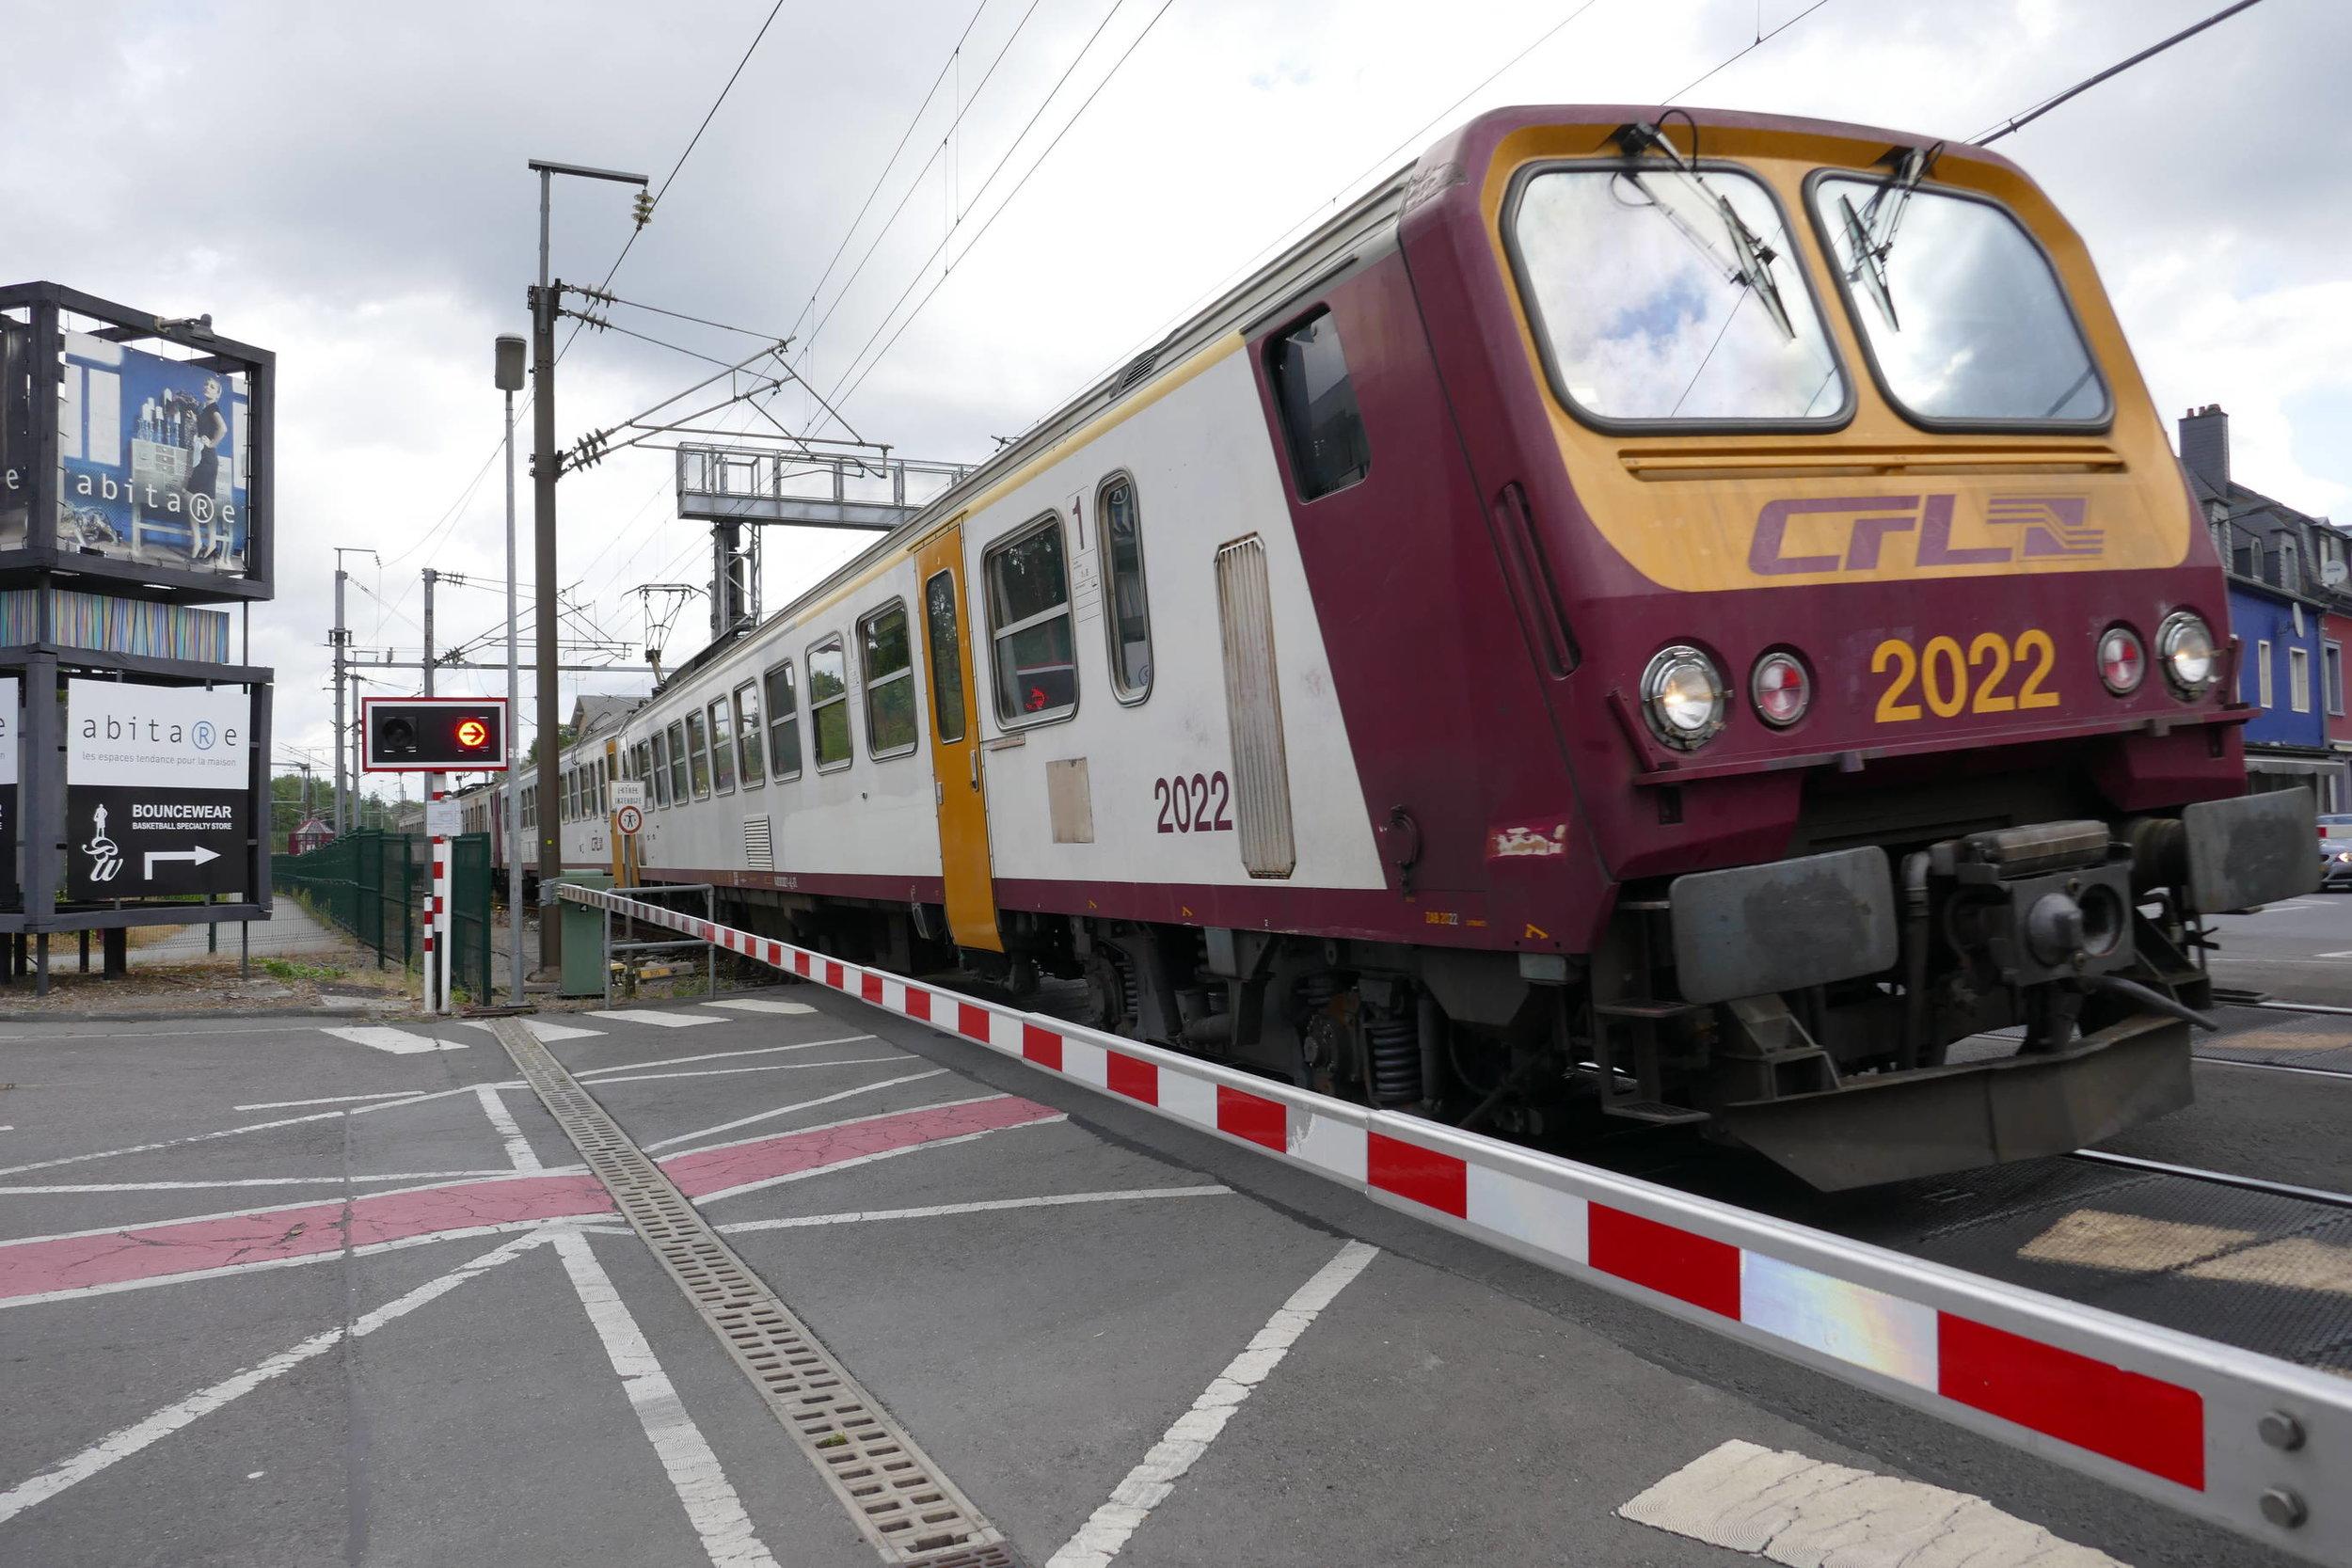 die Bahn - das dominante Verkehrsmittel Luxemburgs...